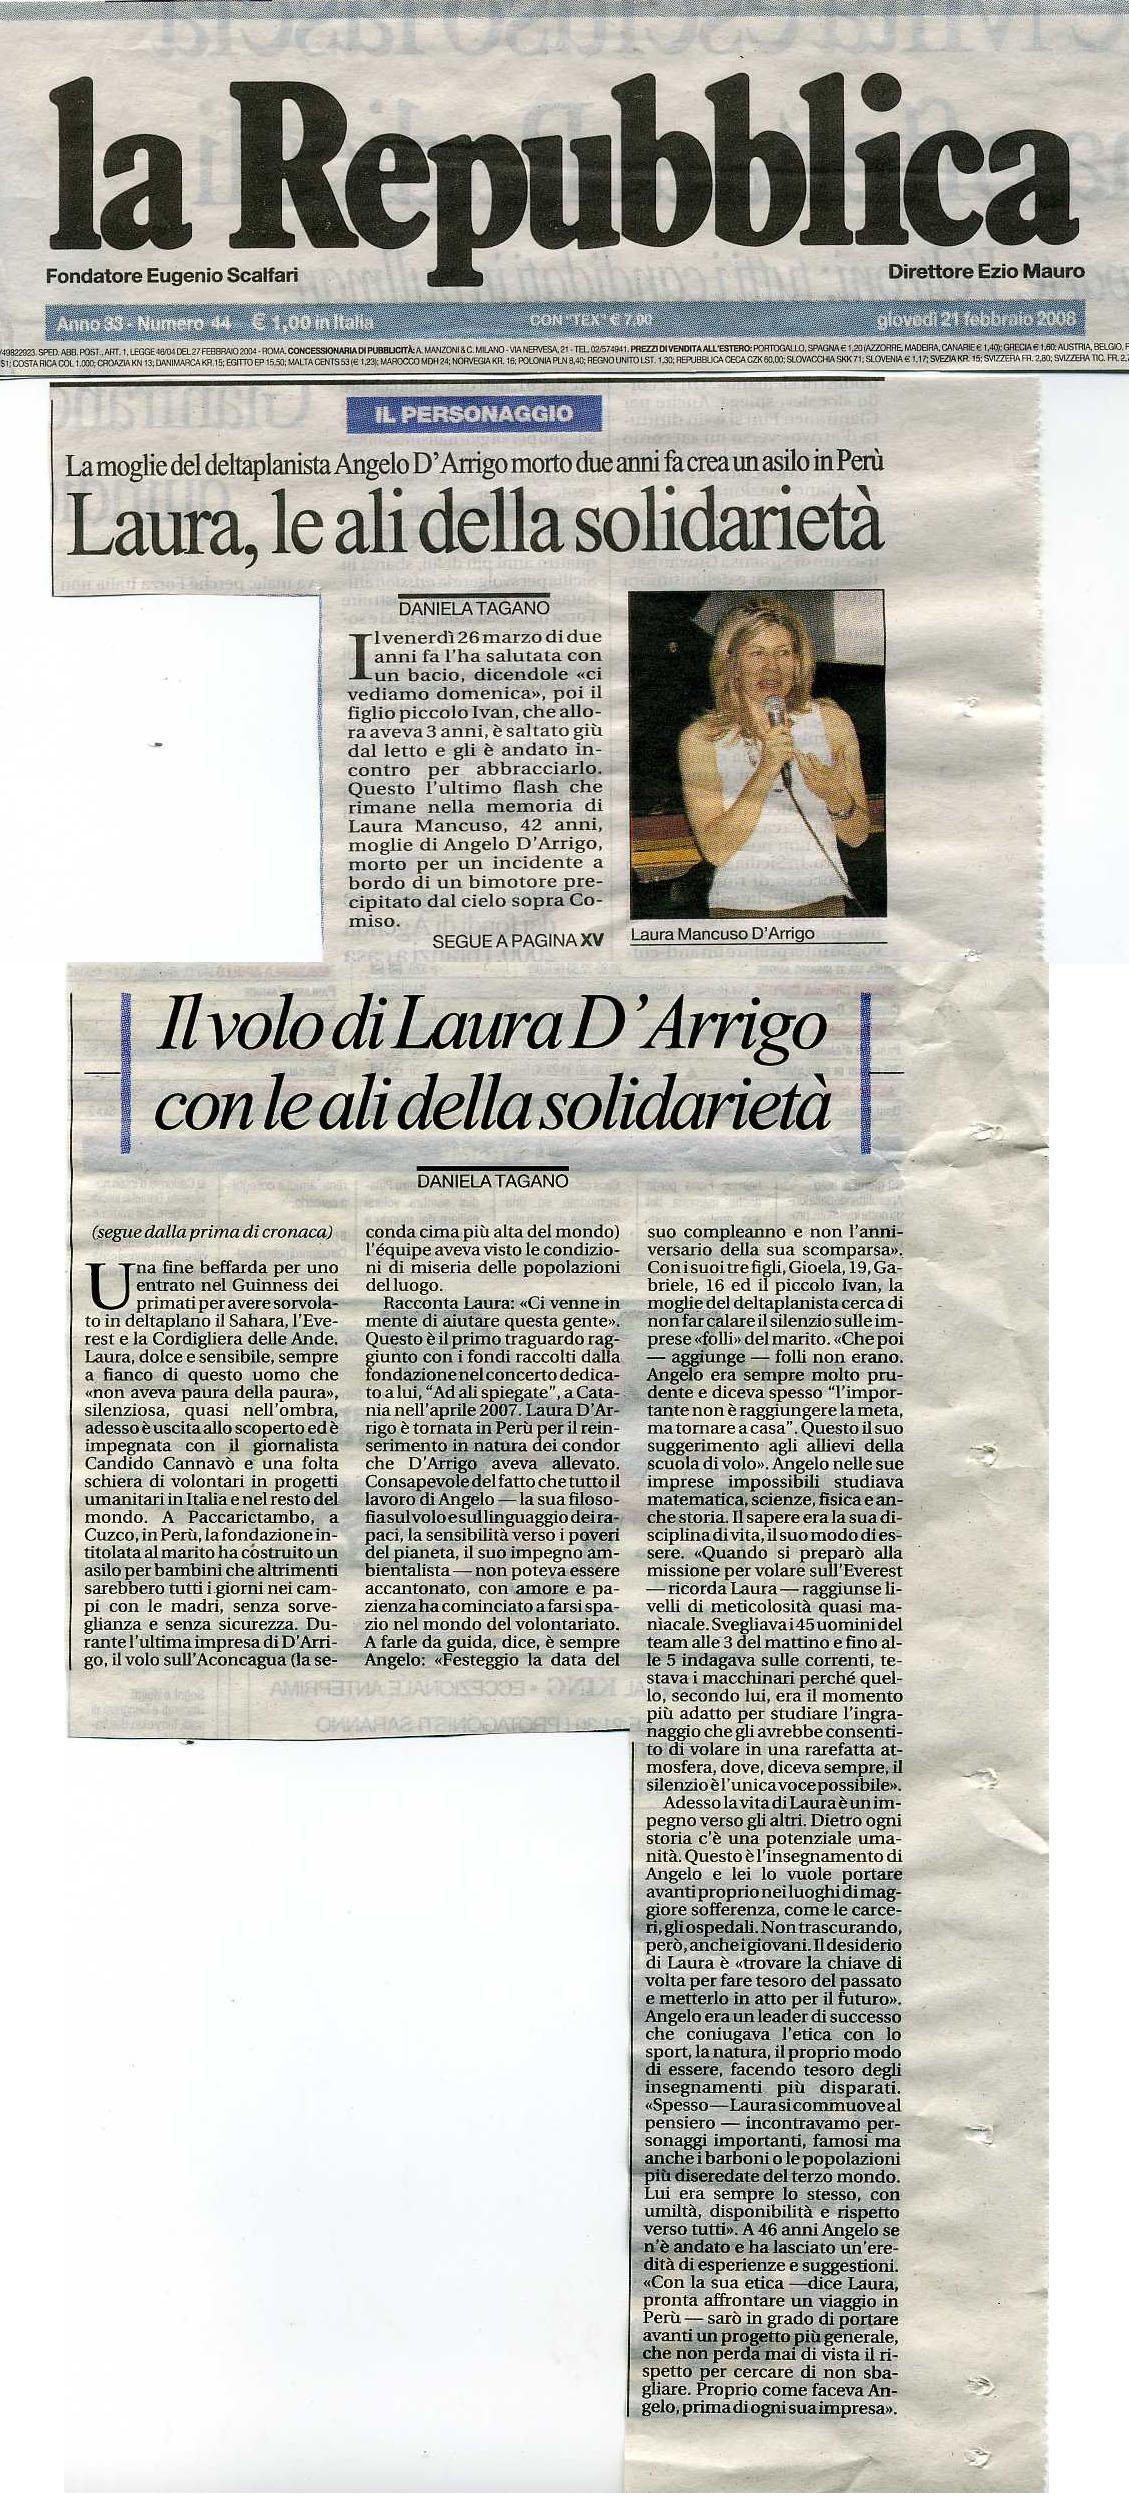 la Repubblica 21 febbraio 2008 articolo